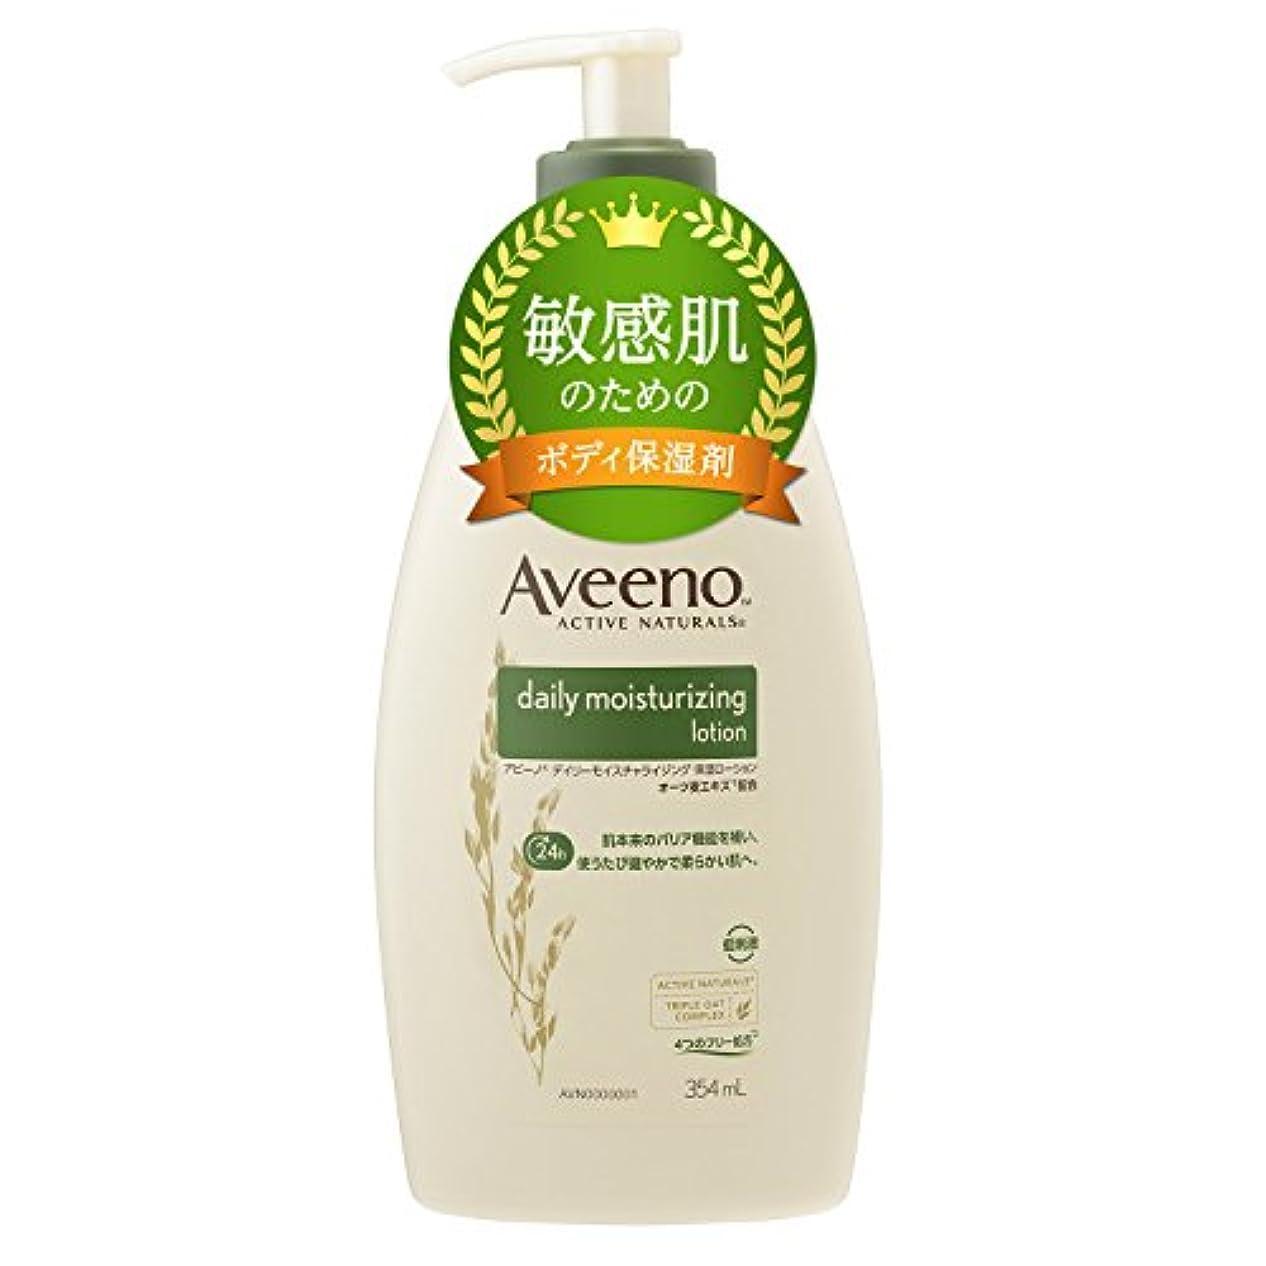 訪問つぶすバーベキュー【Amazon.co.jp限定】Aveeno(アビーノ) デイリーモイスチャライジング 保湿ローション 354ml 【敏感肌の方向け】